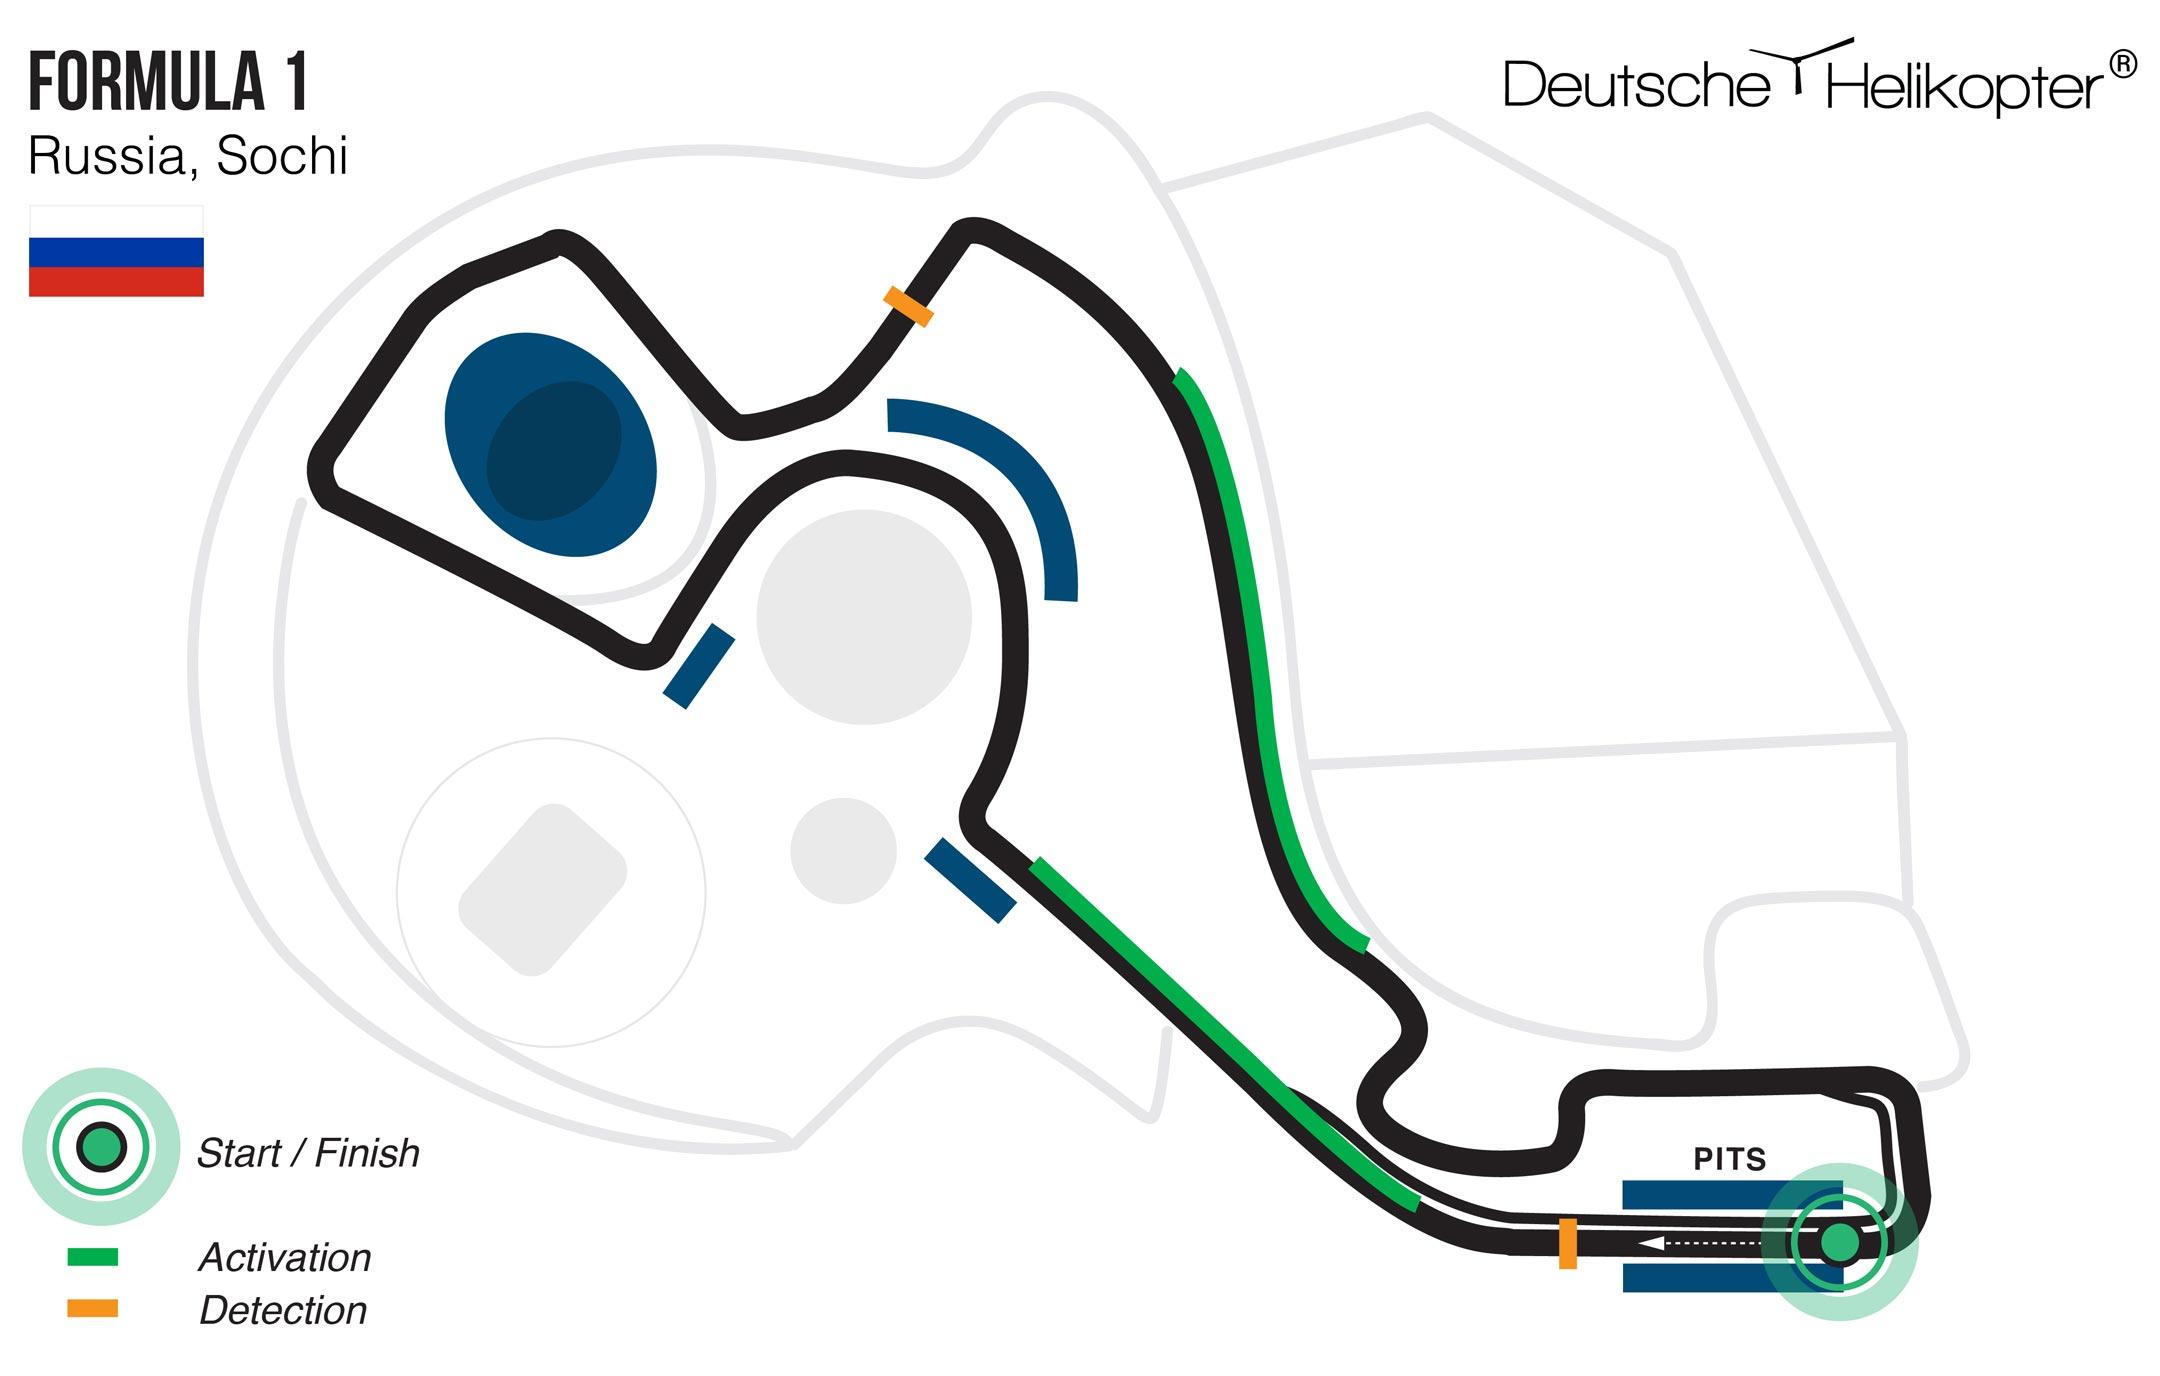 Großer Preis von Russland - Sotschi International Street Circuit